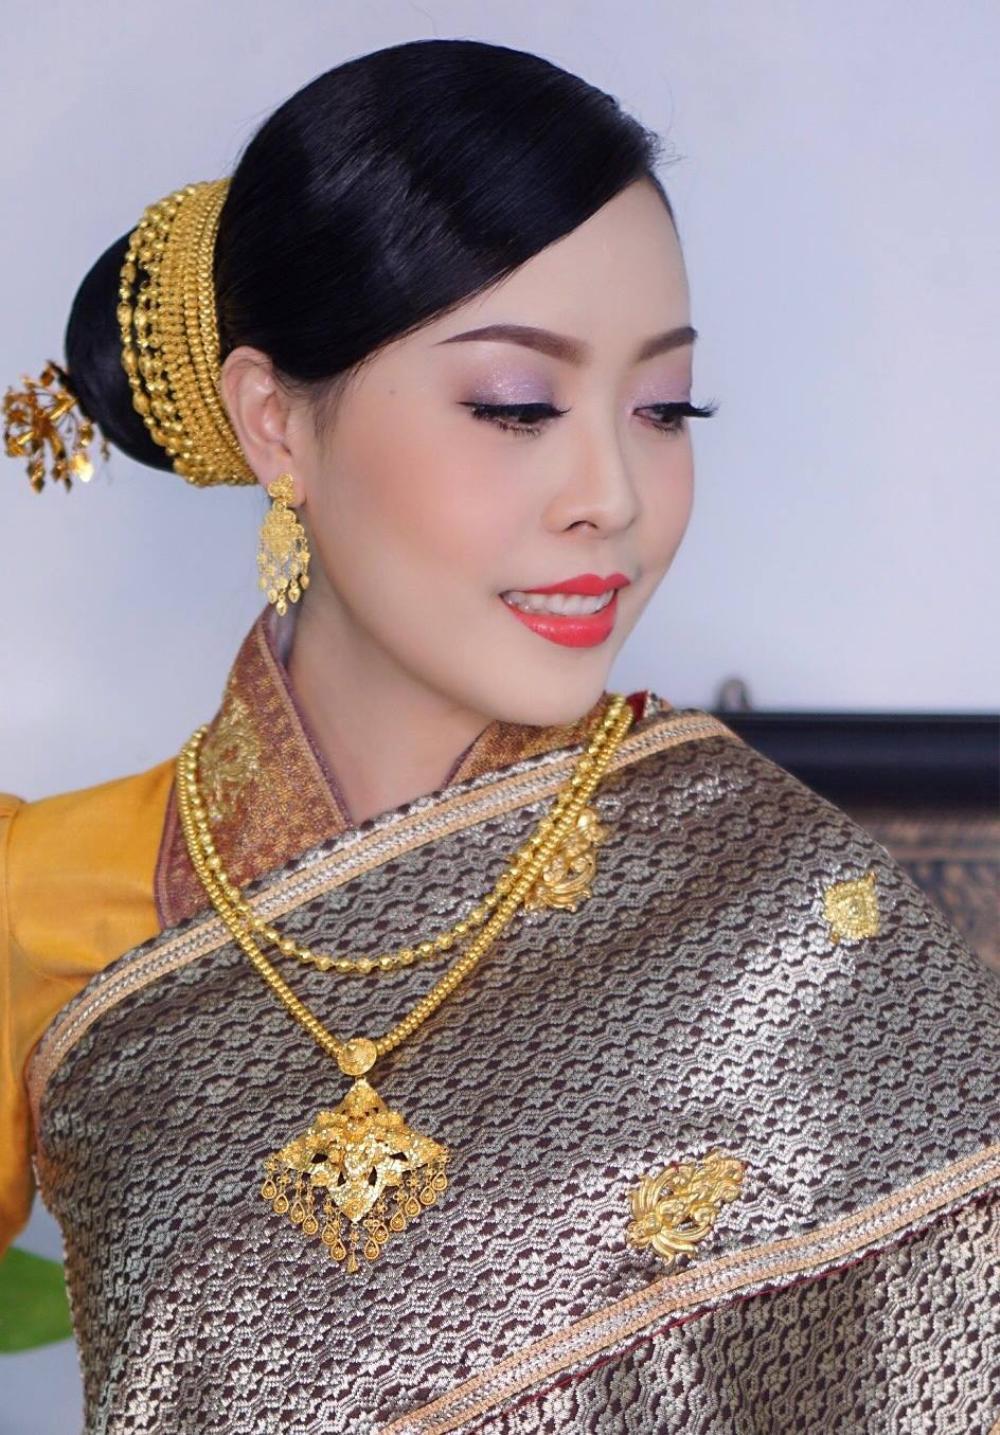 Đại diện Lào tại Miss World bị chê kém xinh ở tuổi 30, Đỗ Thị Hà nhan sắc rực rỡ đàn áp đối thủ châu Á Ảnh 6